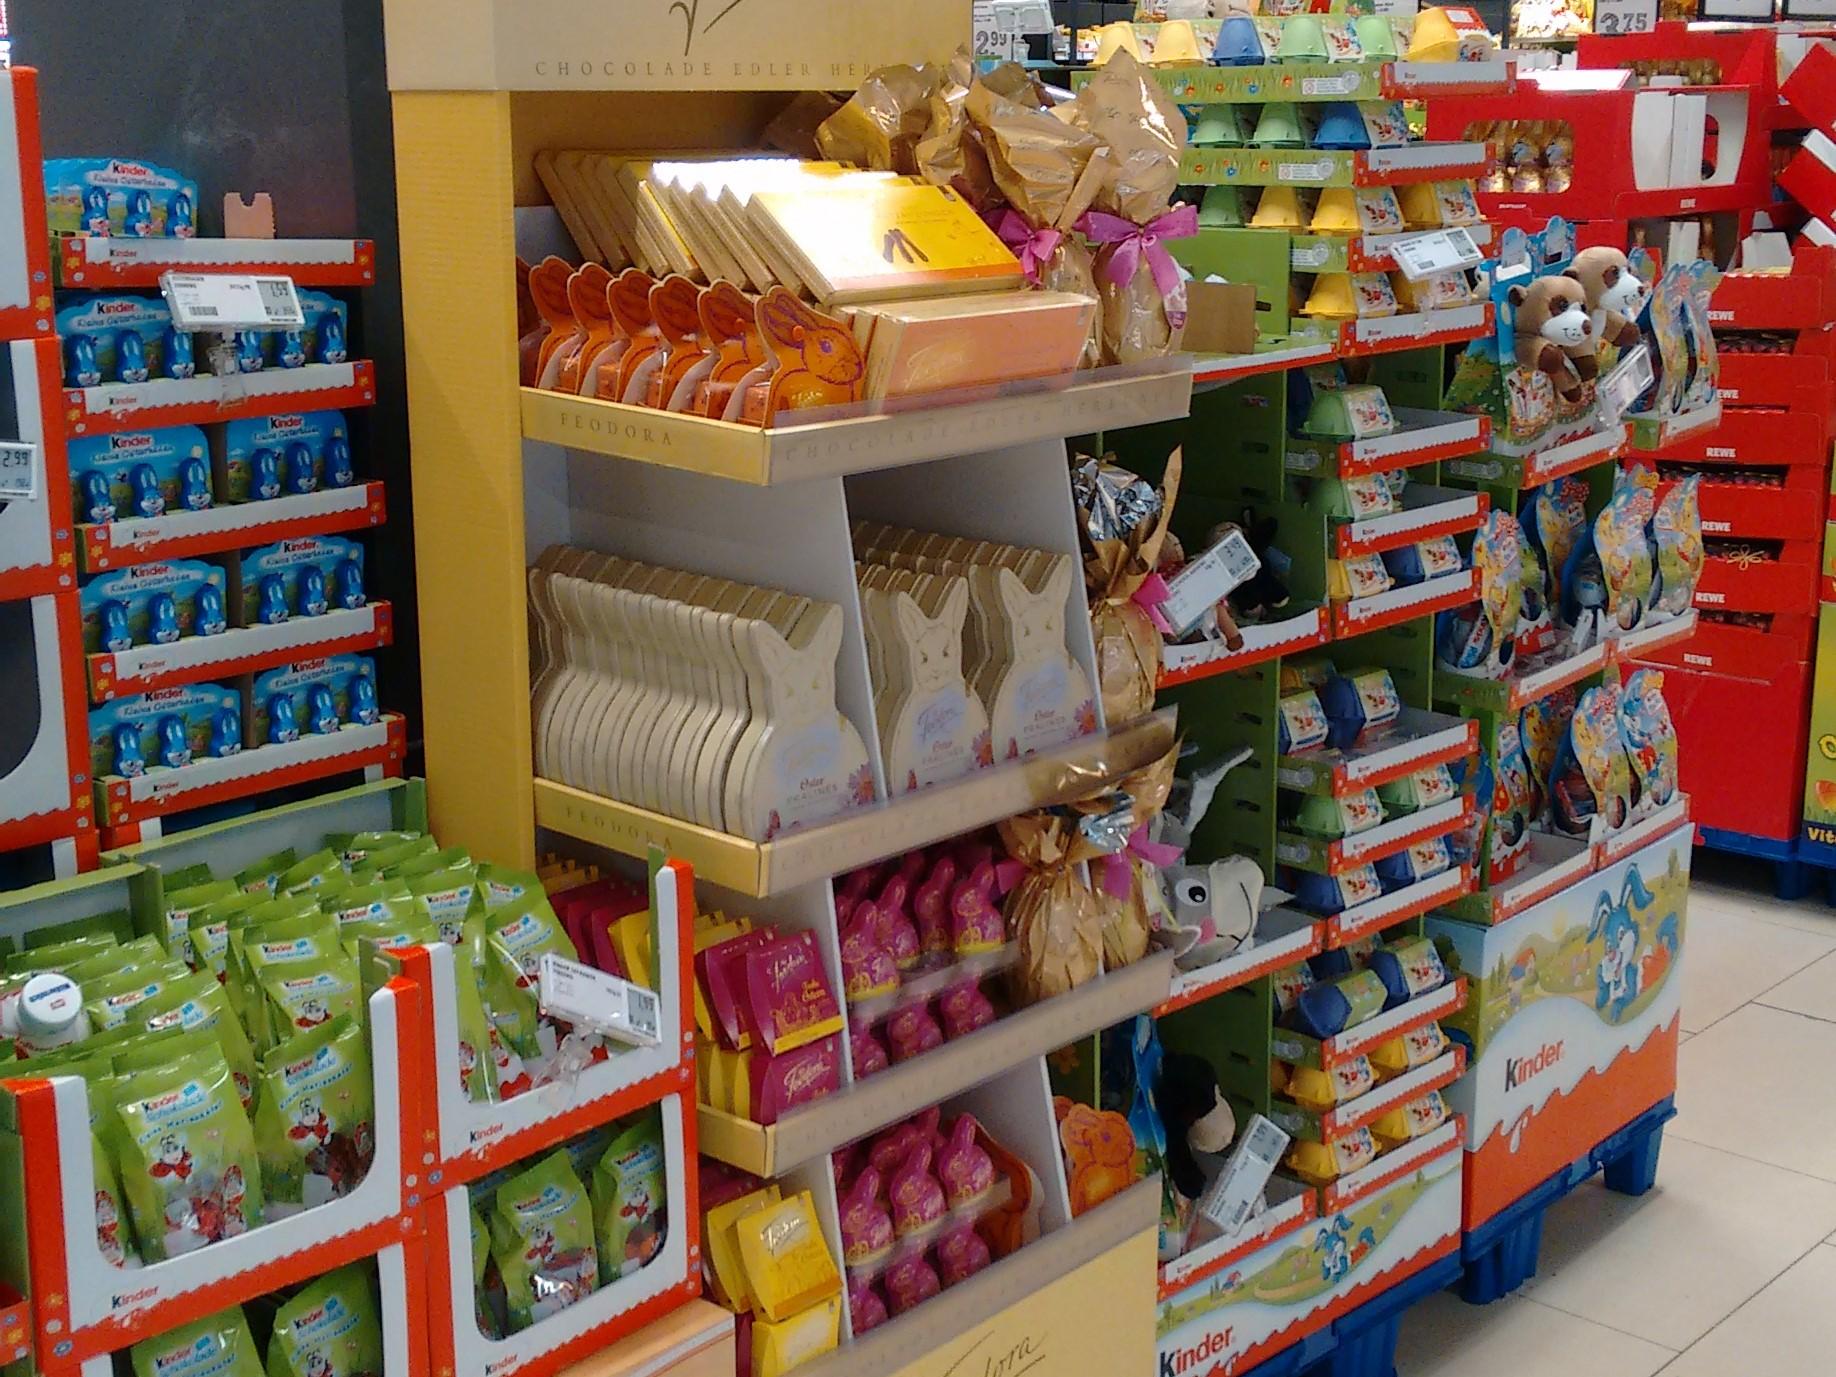 German Easter sweets